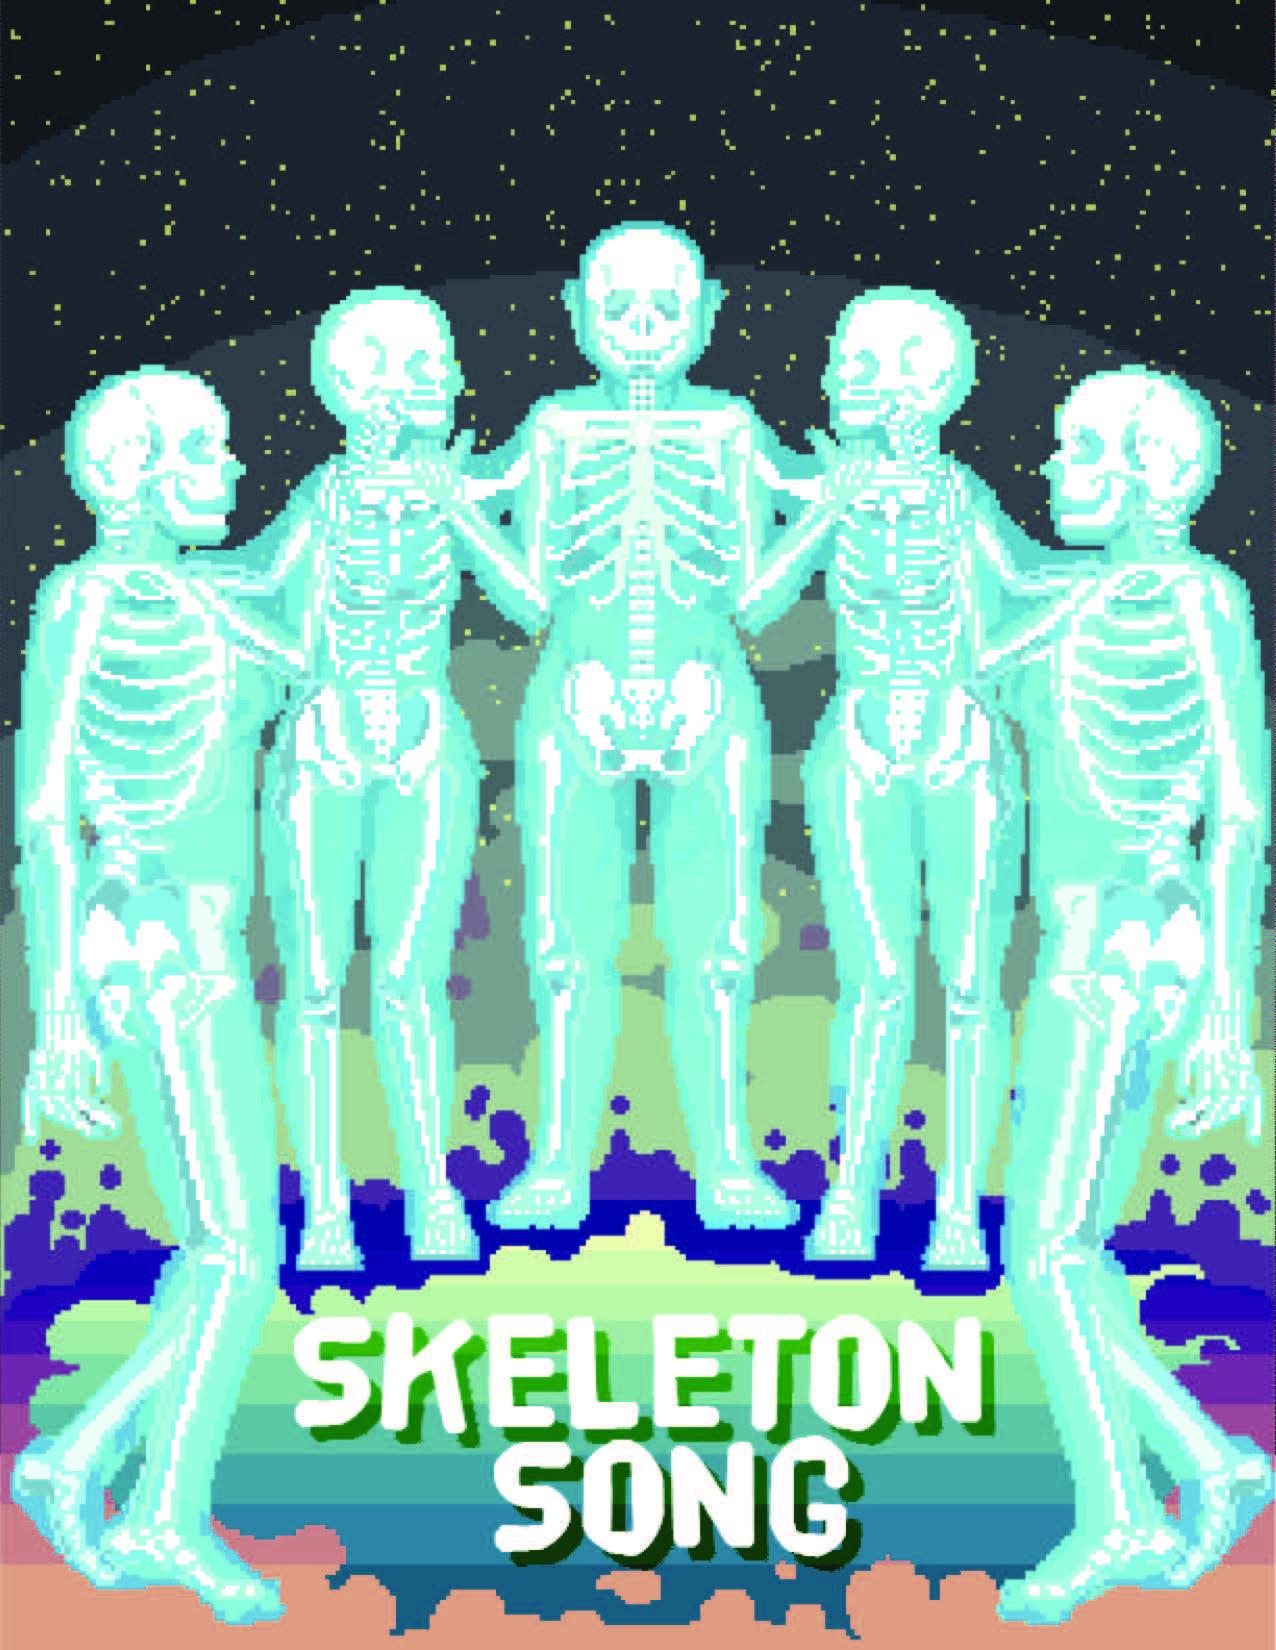 SkeletonSong_cover